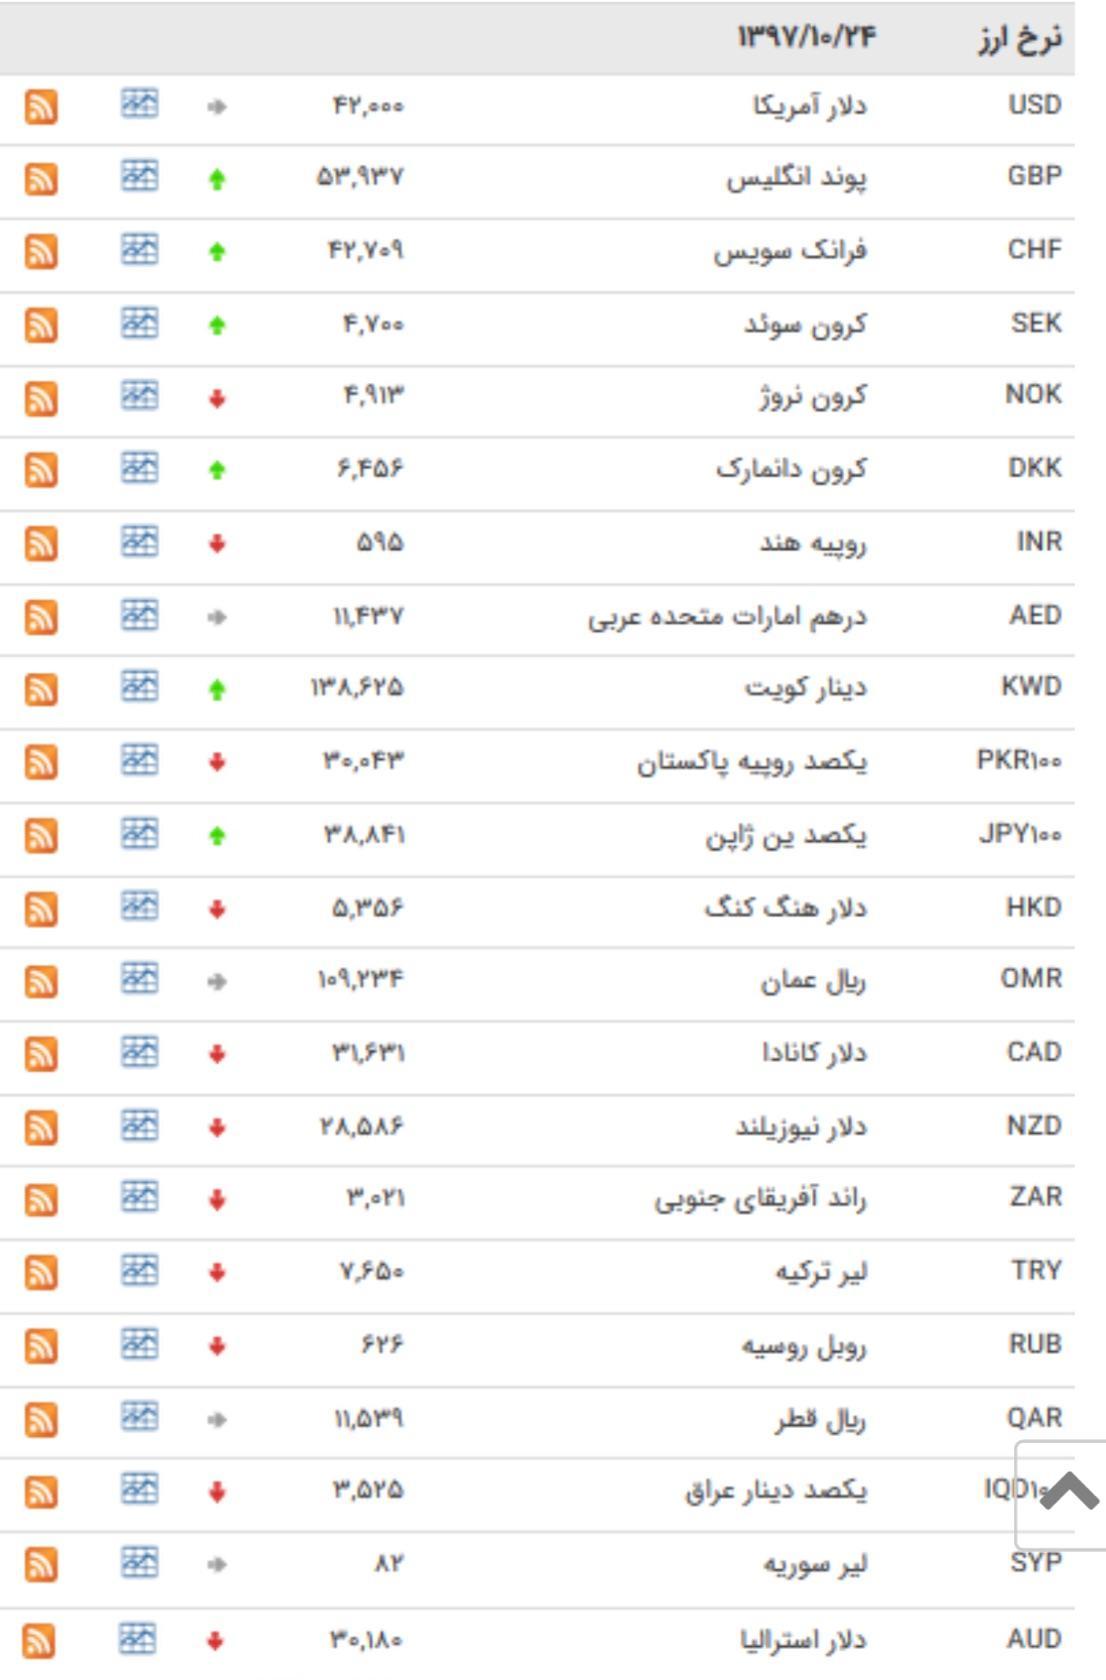 کاهش قیمت ۲۵ ارز در بازار بین بانکی + جدول - 1